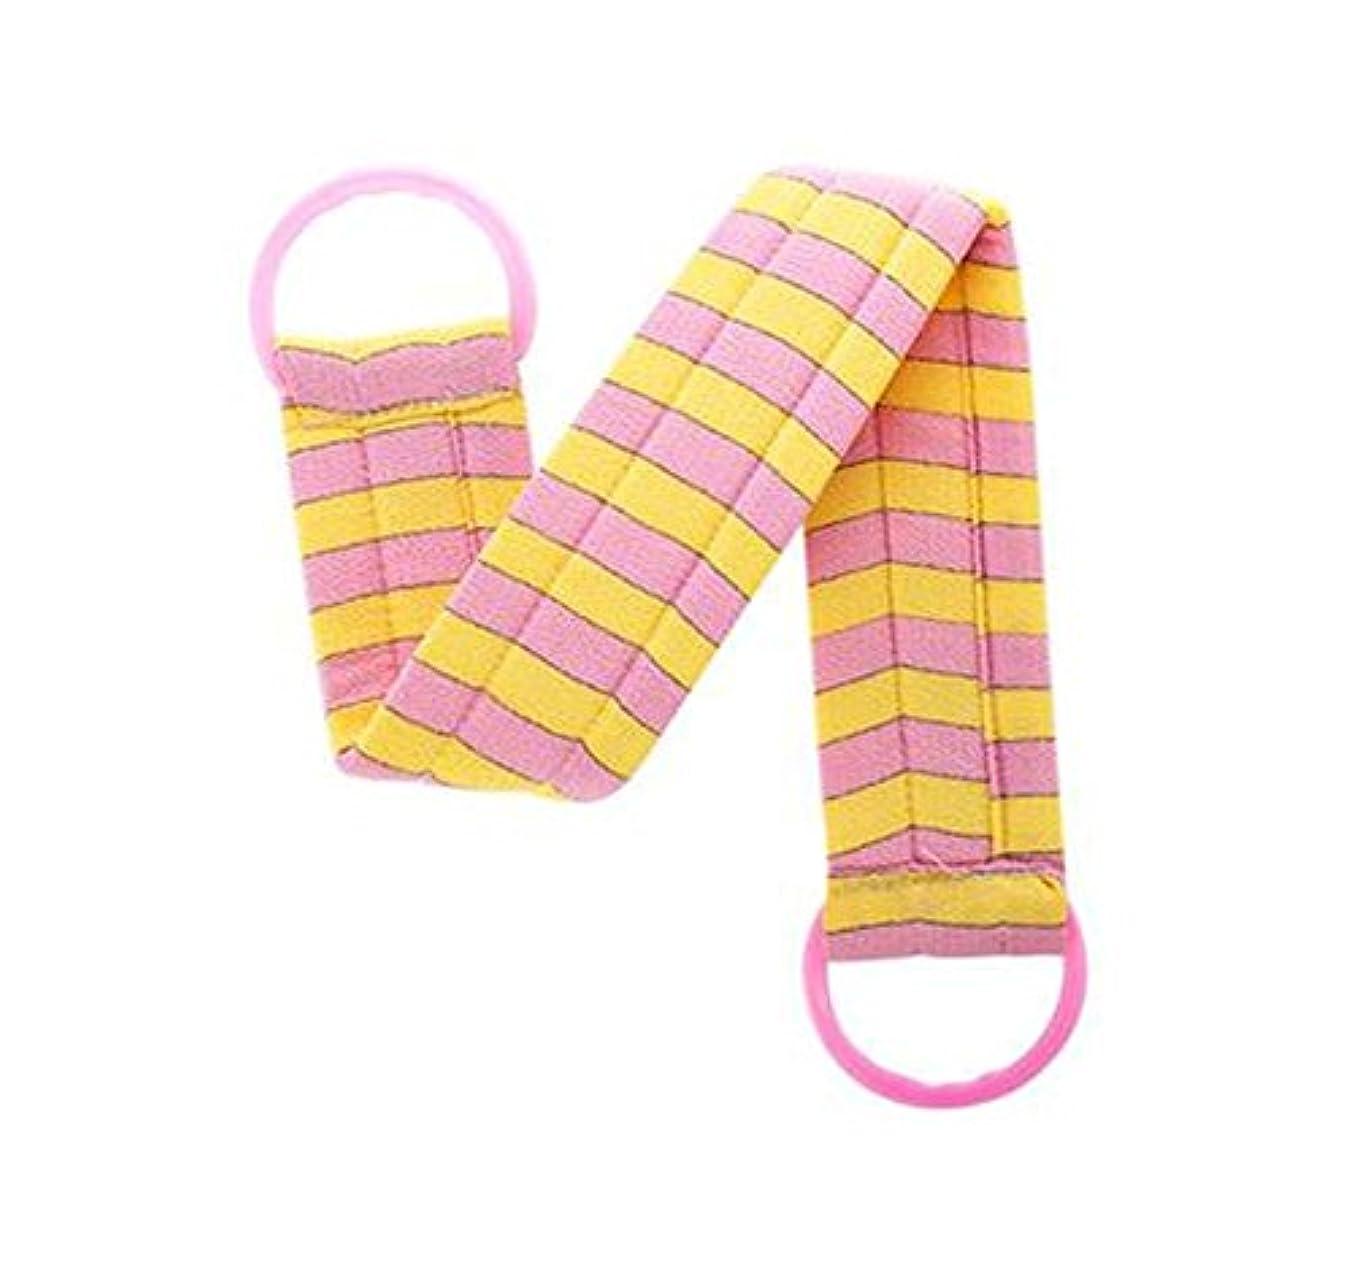 シンカン疲れたピンチ2部分のボディクリーニングのバスベルトタオルの剥離のバスベルト、ピンクの黄色